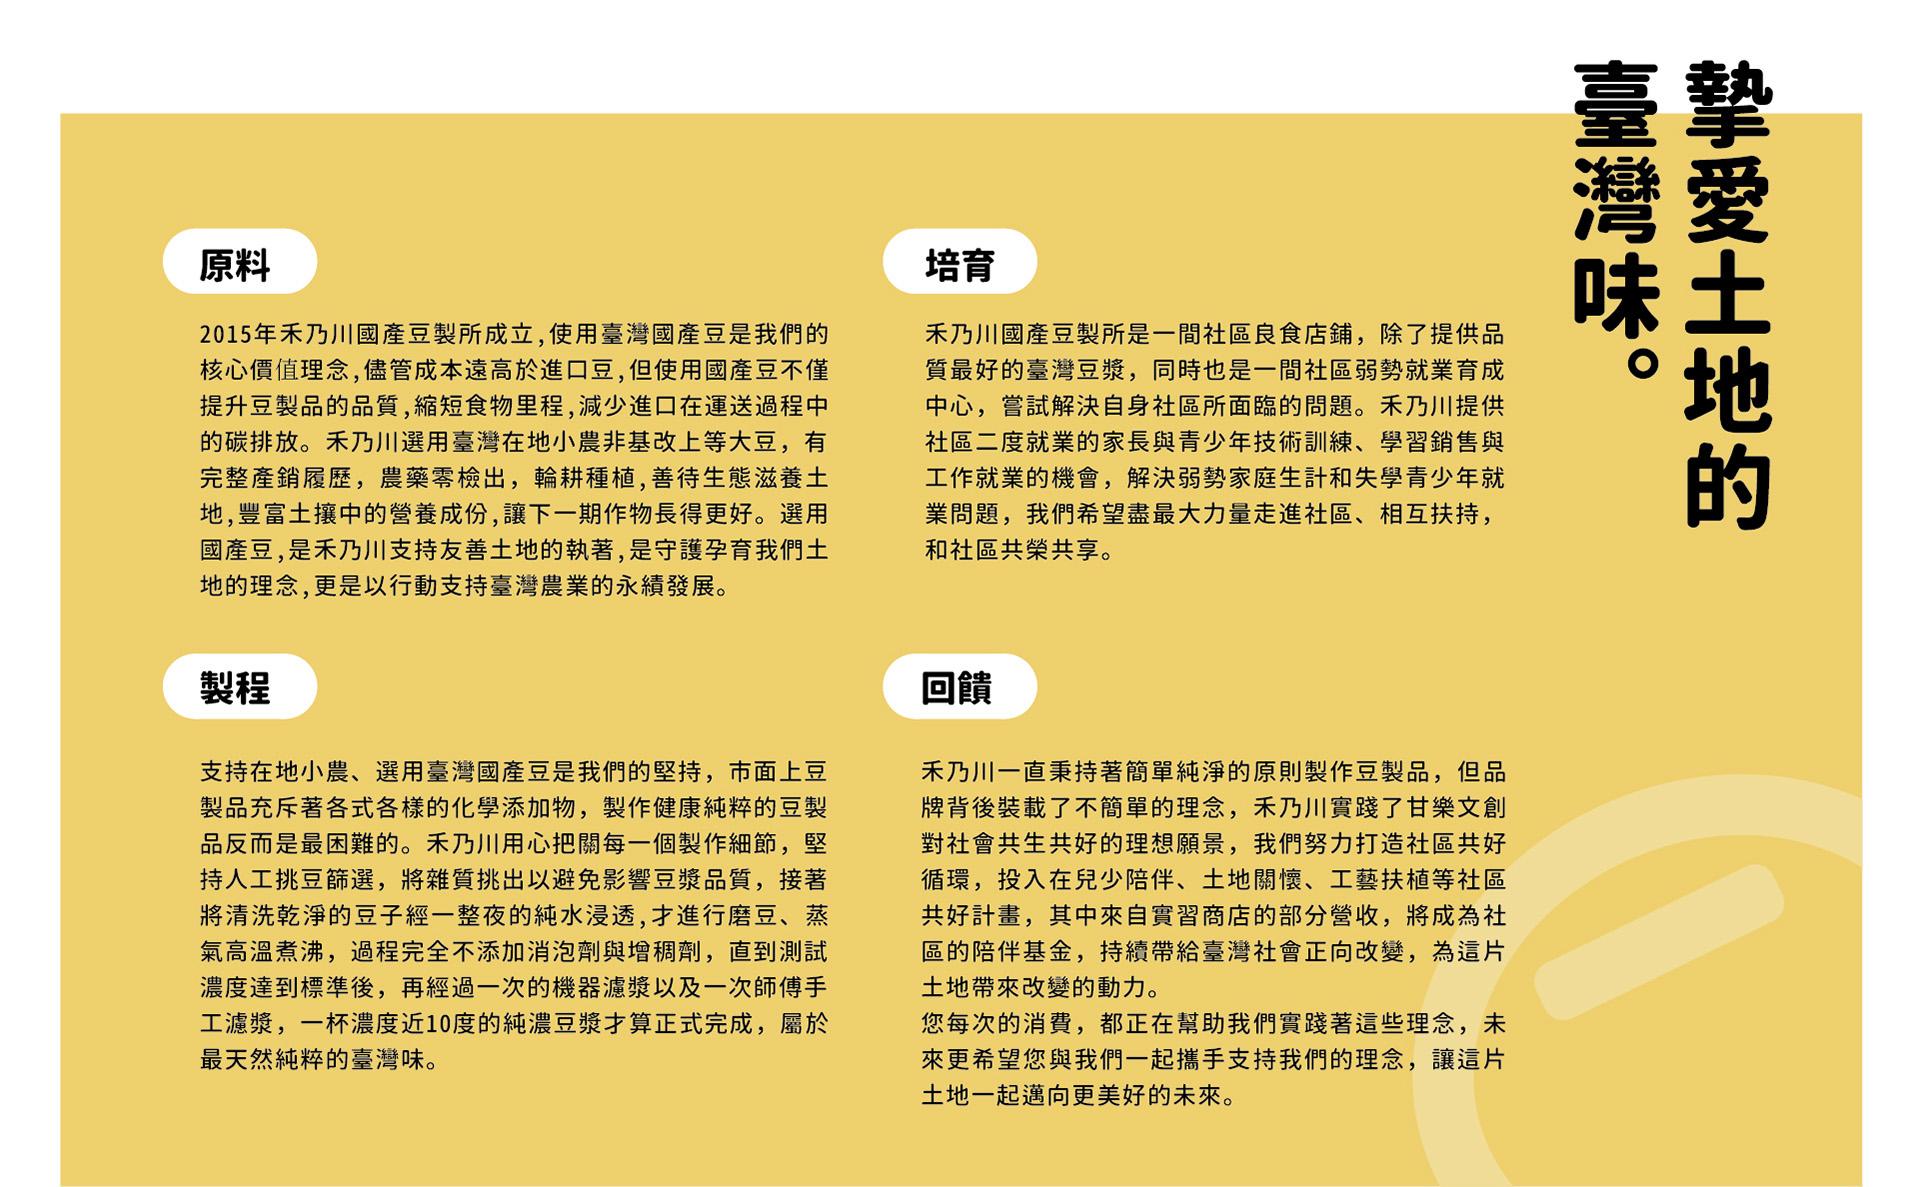 20191230禾乃川官網商城簡介-02s.jpg